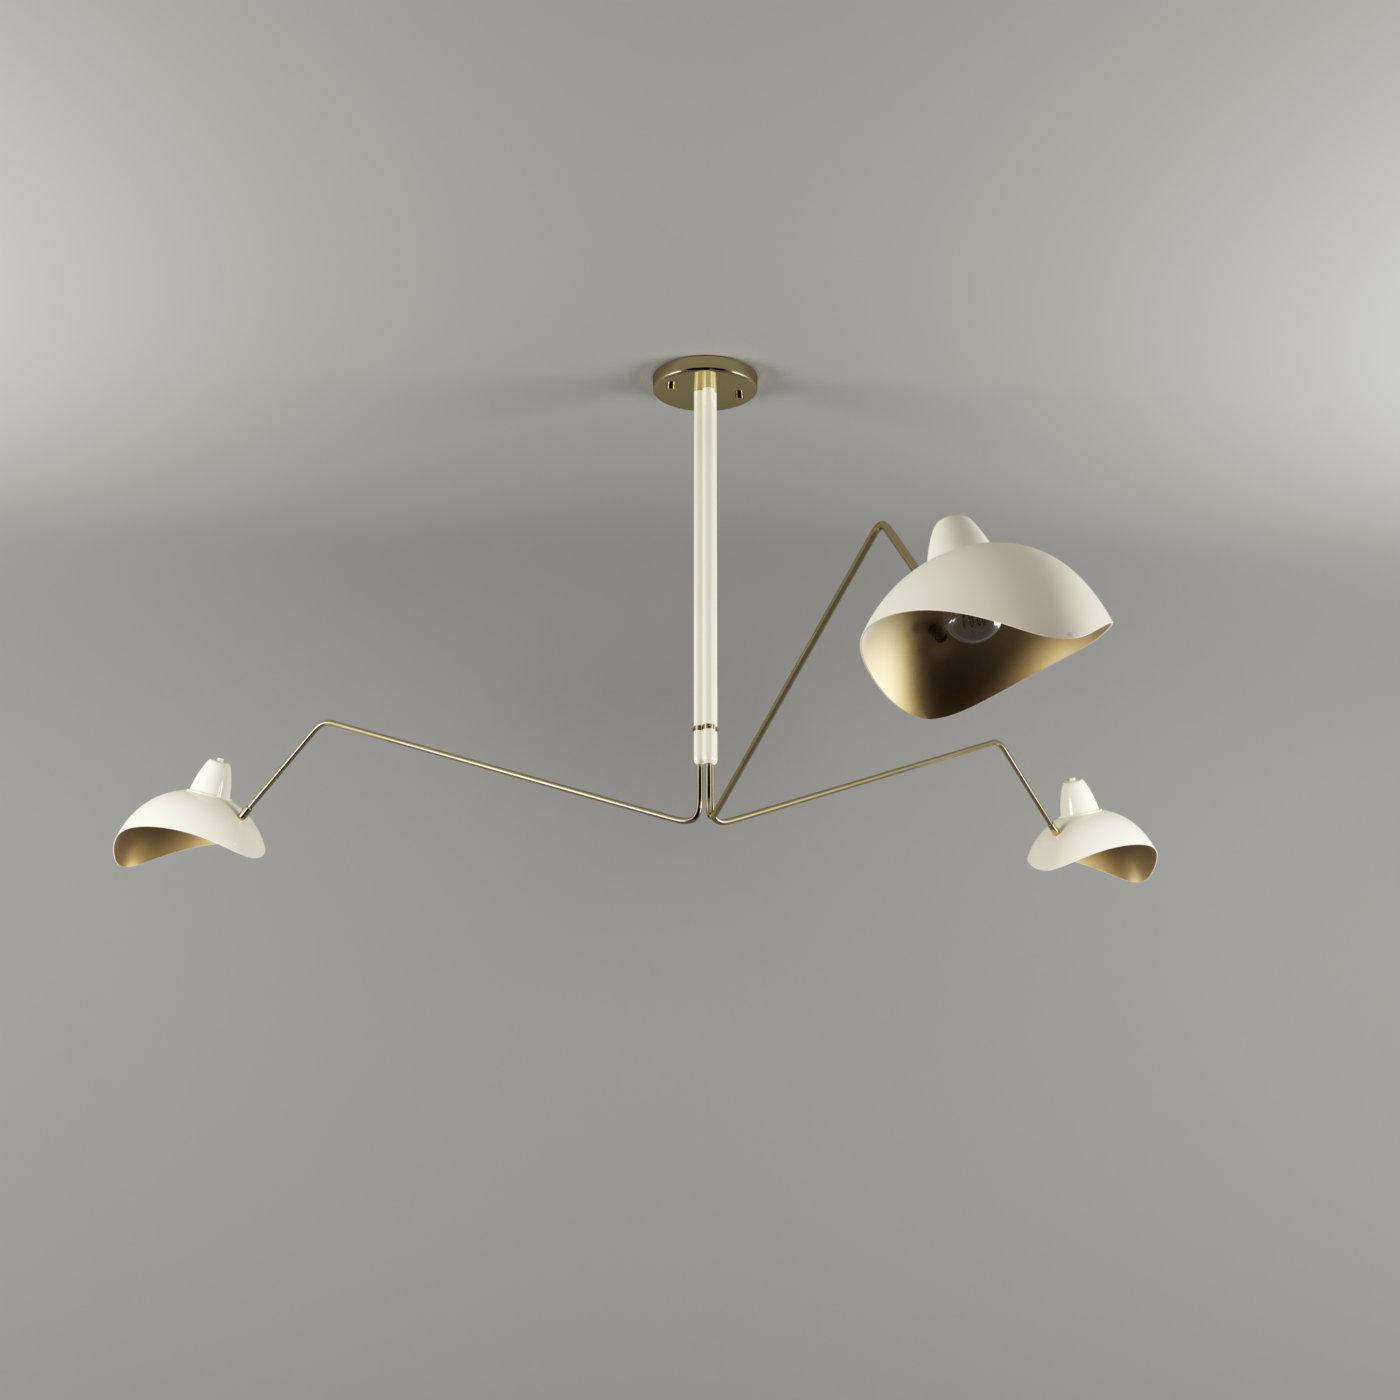 Chelsea suspension lamp